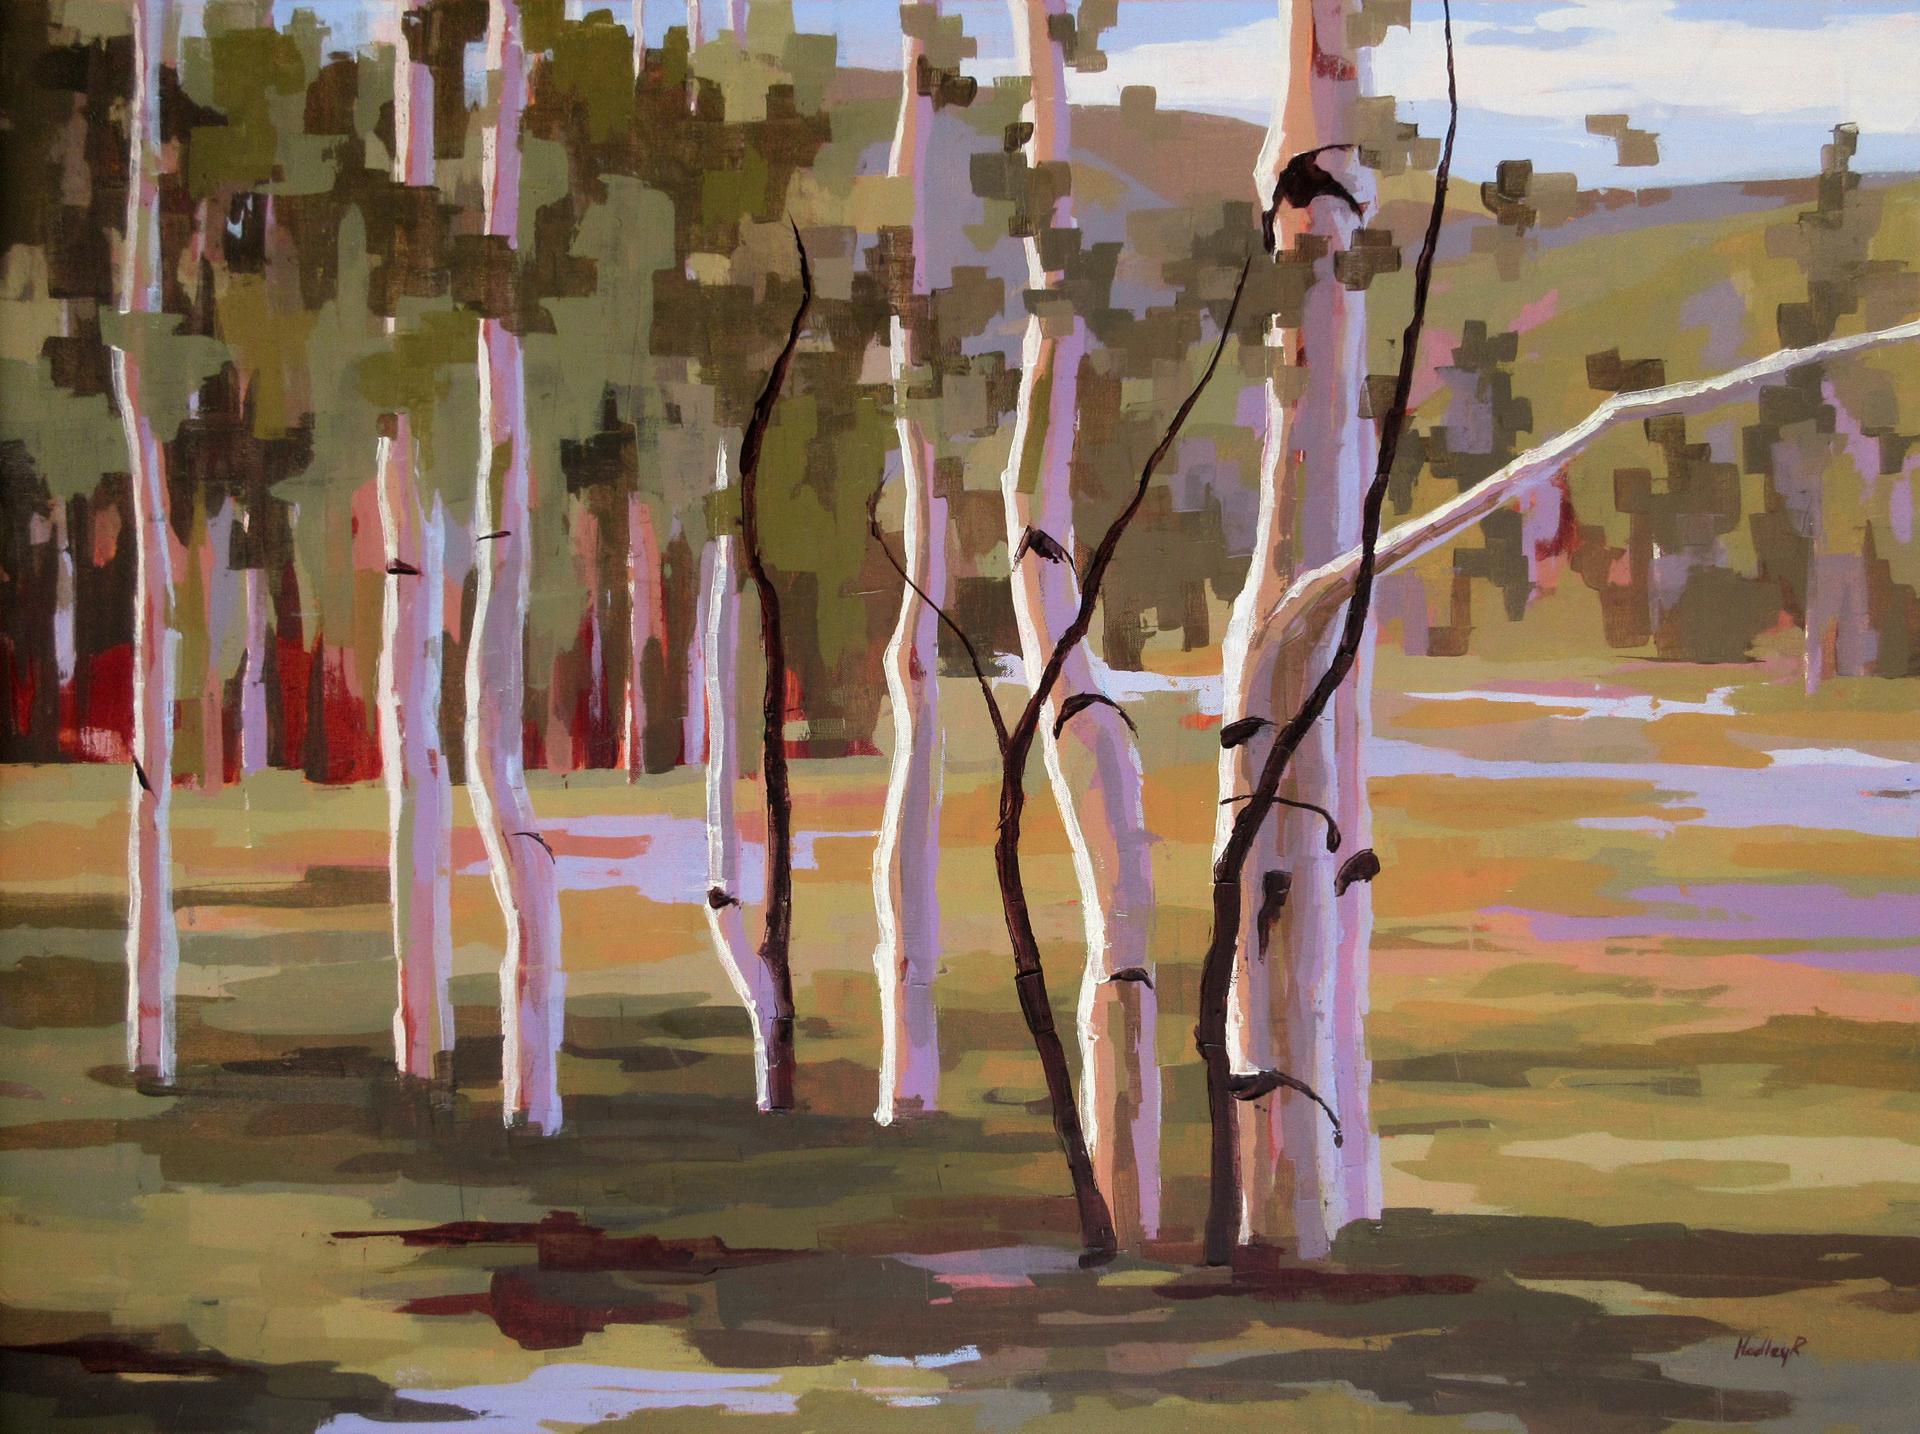 Verano  by Hadley Rampton